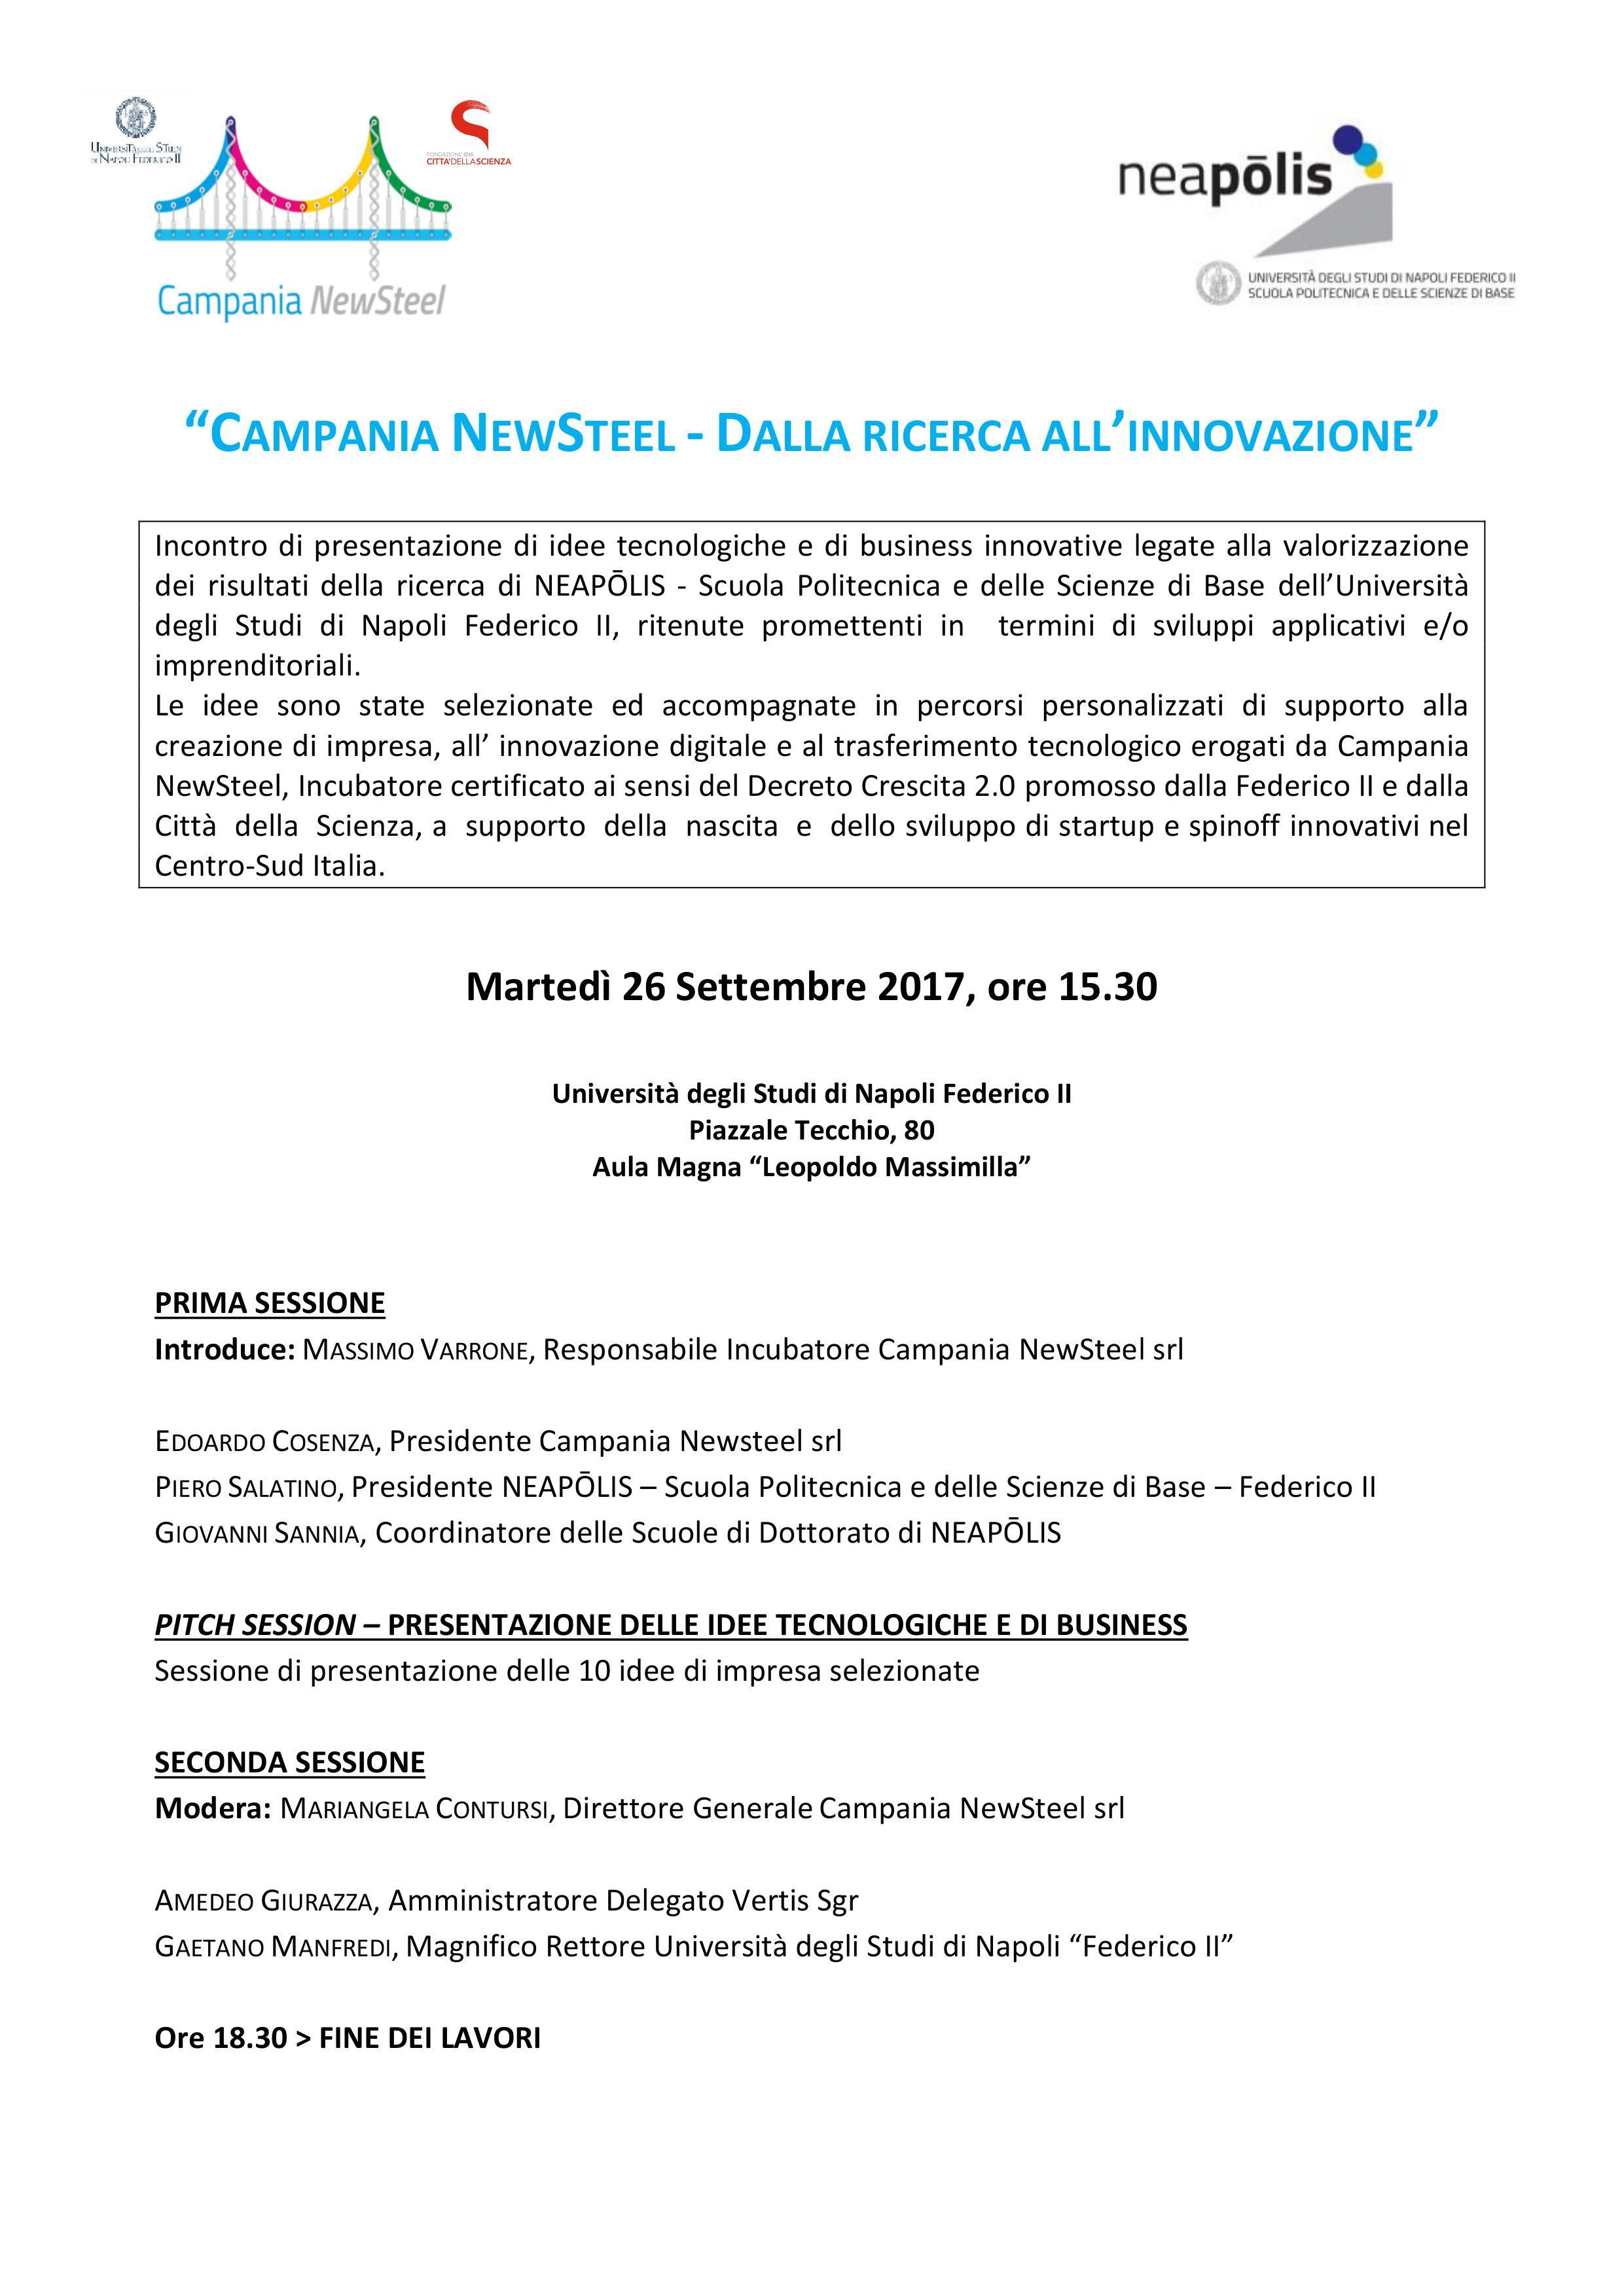 Programma Campania NewSteel dalla ricerca all'innovazione